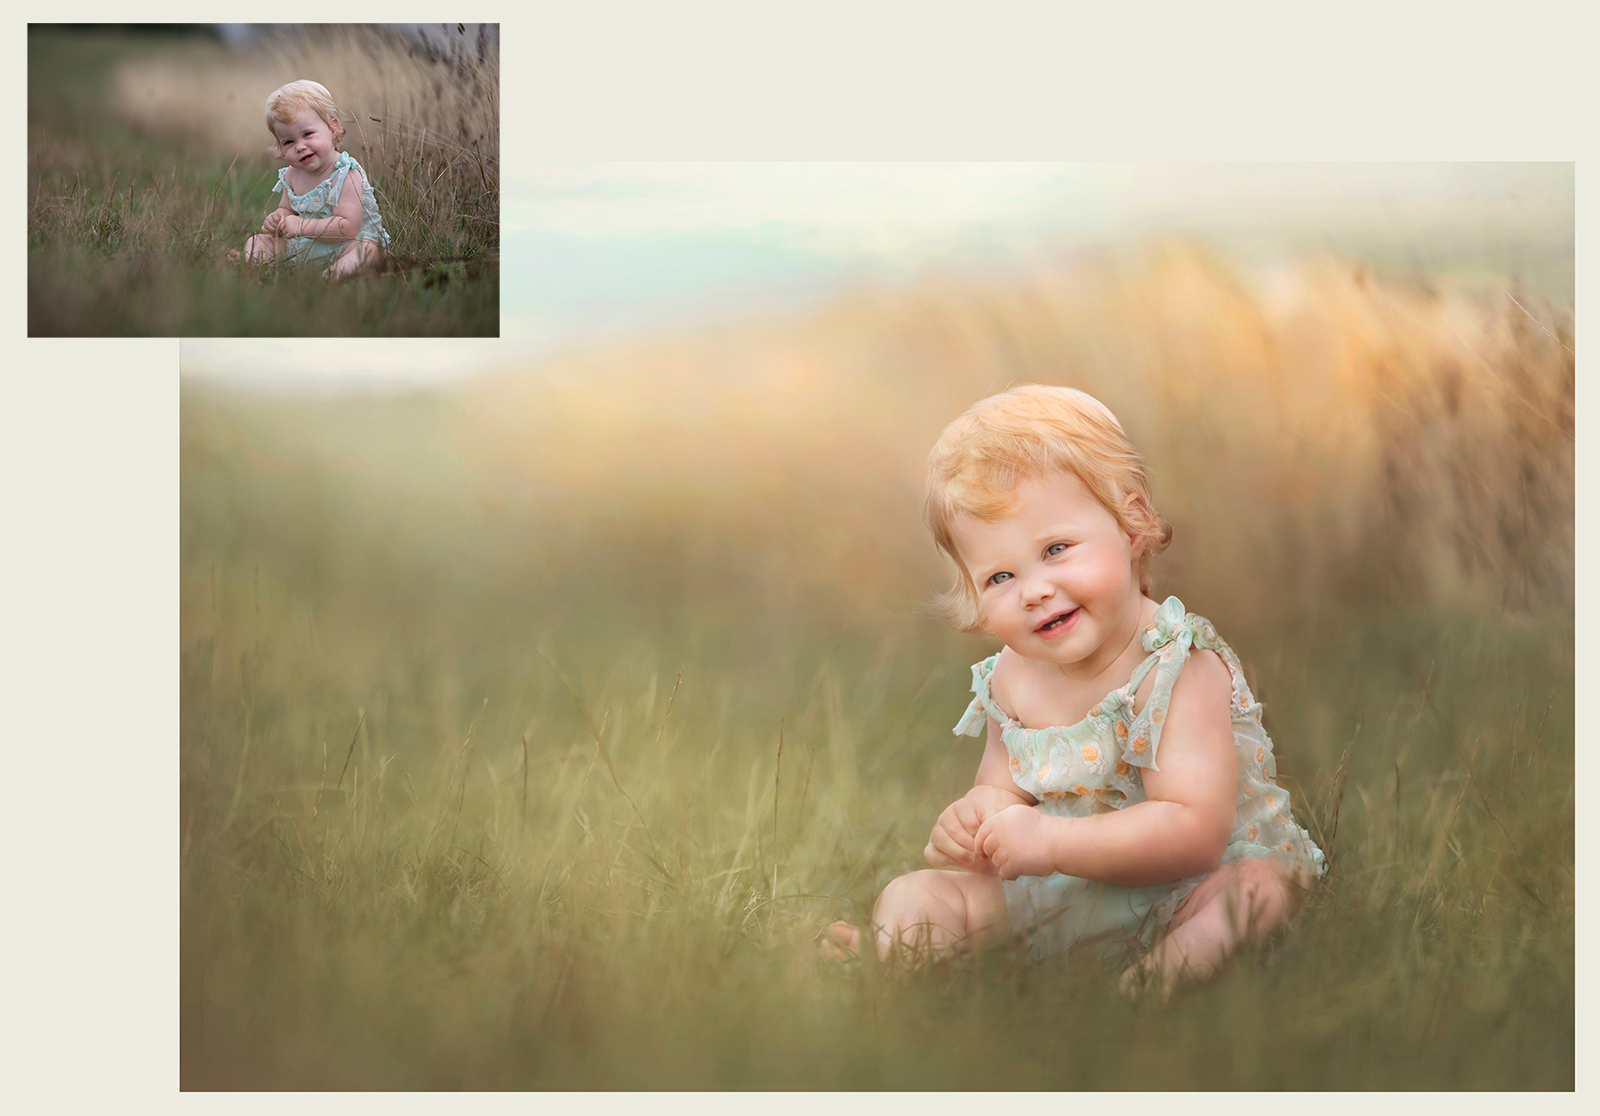 Die rohe Datei, die in der Kamera entsteht wird durch aufwändige Bildbearbeitung in ein Kunstwerk verwandelt.